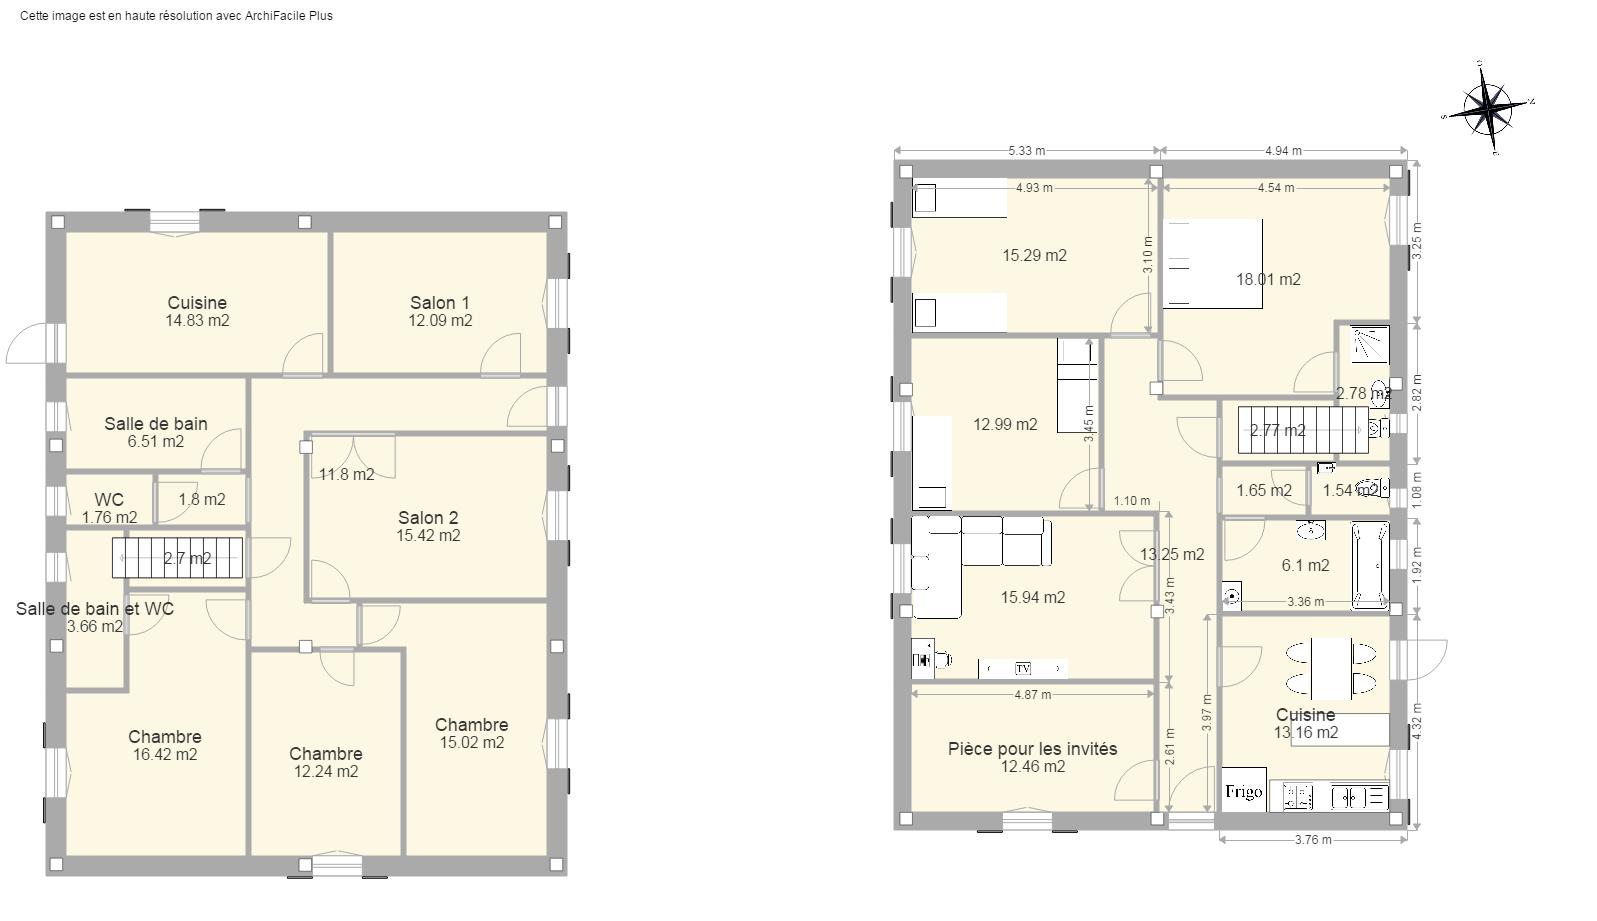 Dessin maison facile fashion designs for Plan de maison facile